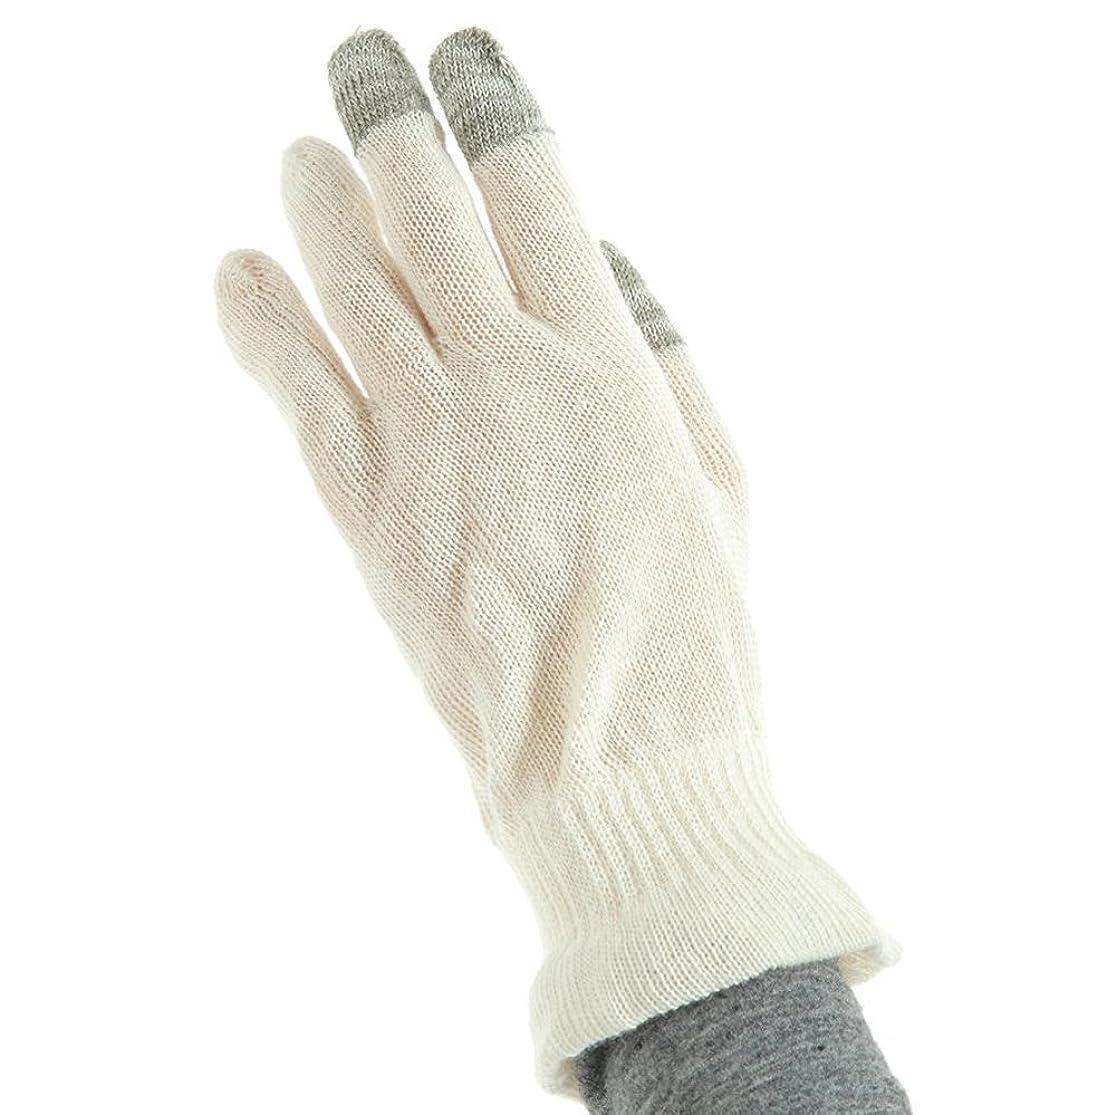 ギャラントリーわかりやすいシダ麻福 ヘンプ おやすみ 手袋 スマホ対応 男性用 L きなり 天然 ヘンプ素材 (麻) タッチパネル スマートフォン対応 肌に優しい 乾燥対策